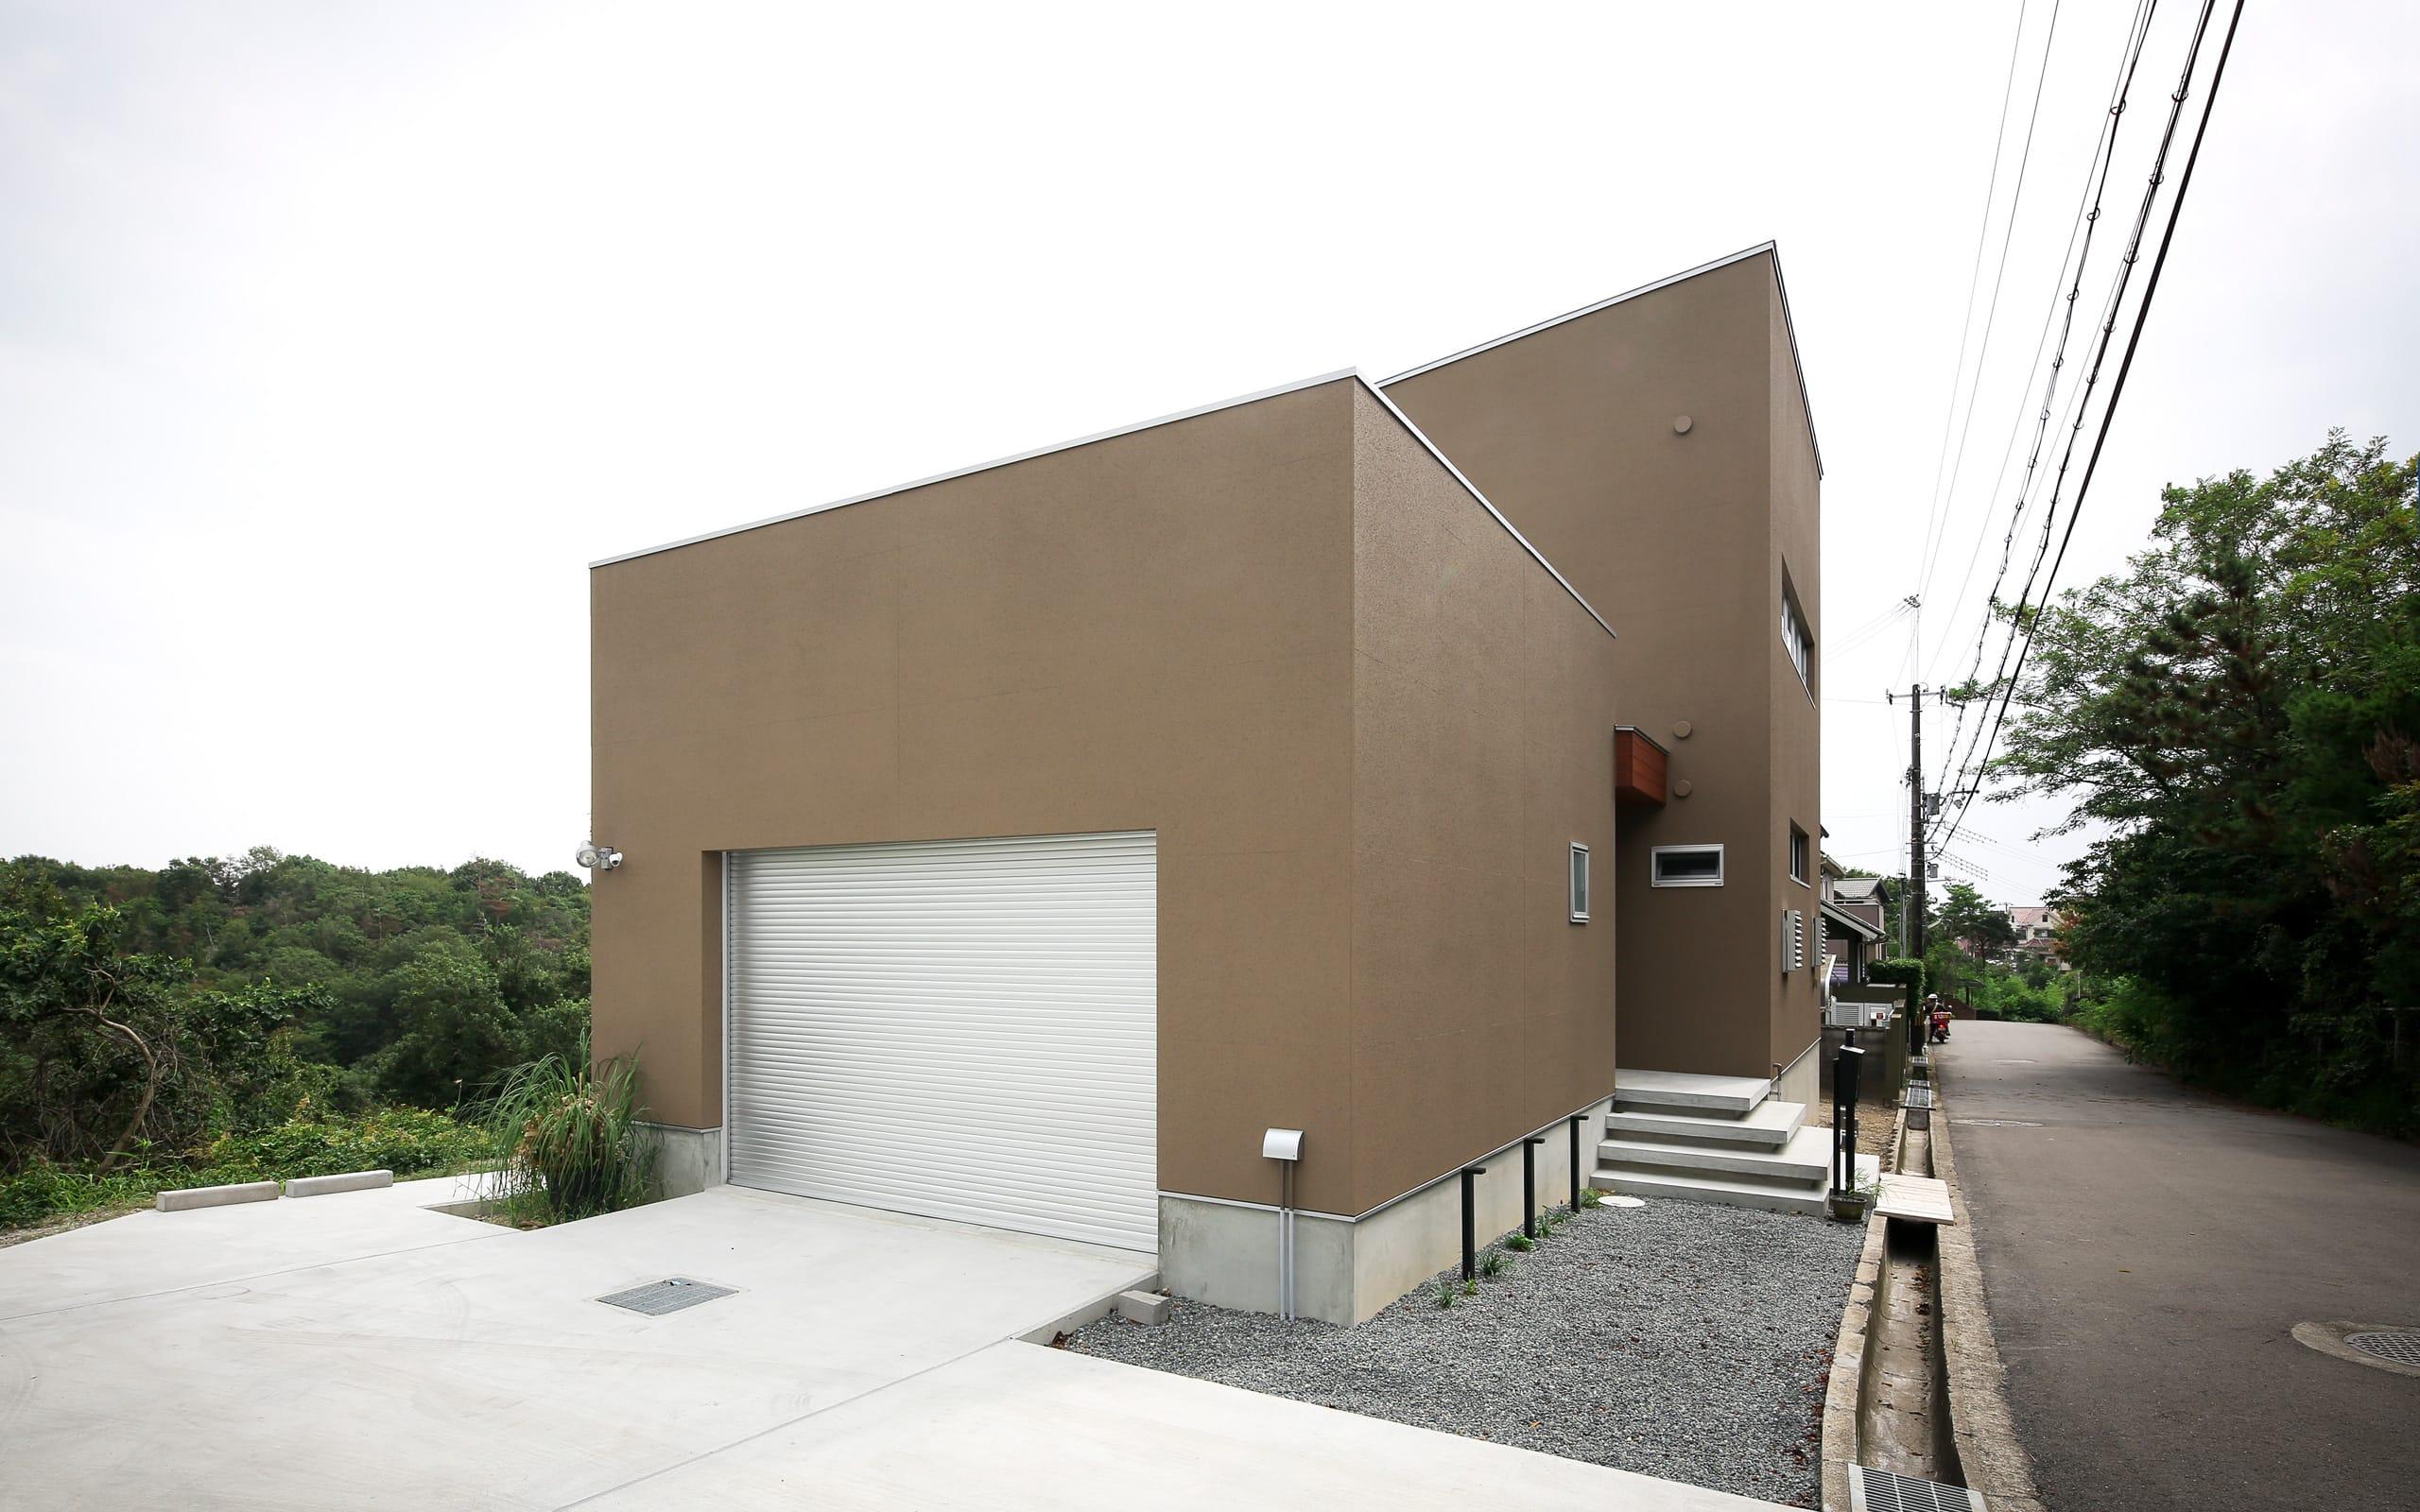 傾斜地に建つアウトドアデッキのある家の外観5